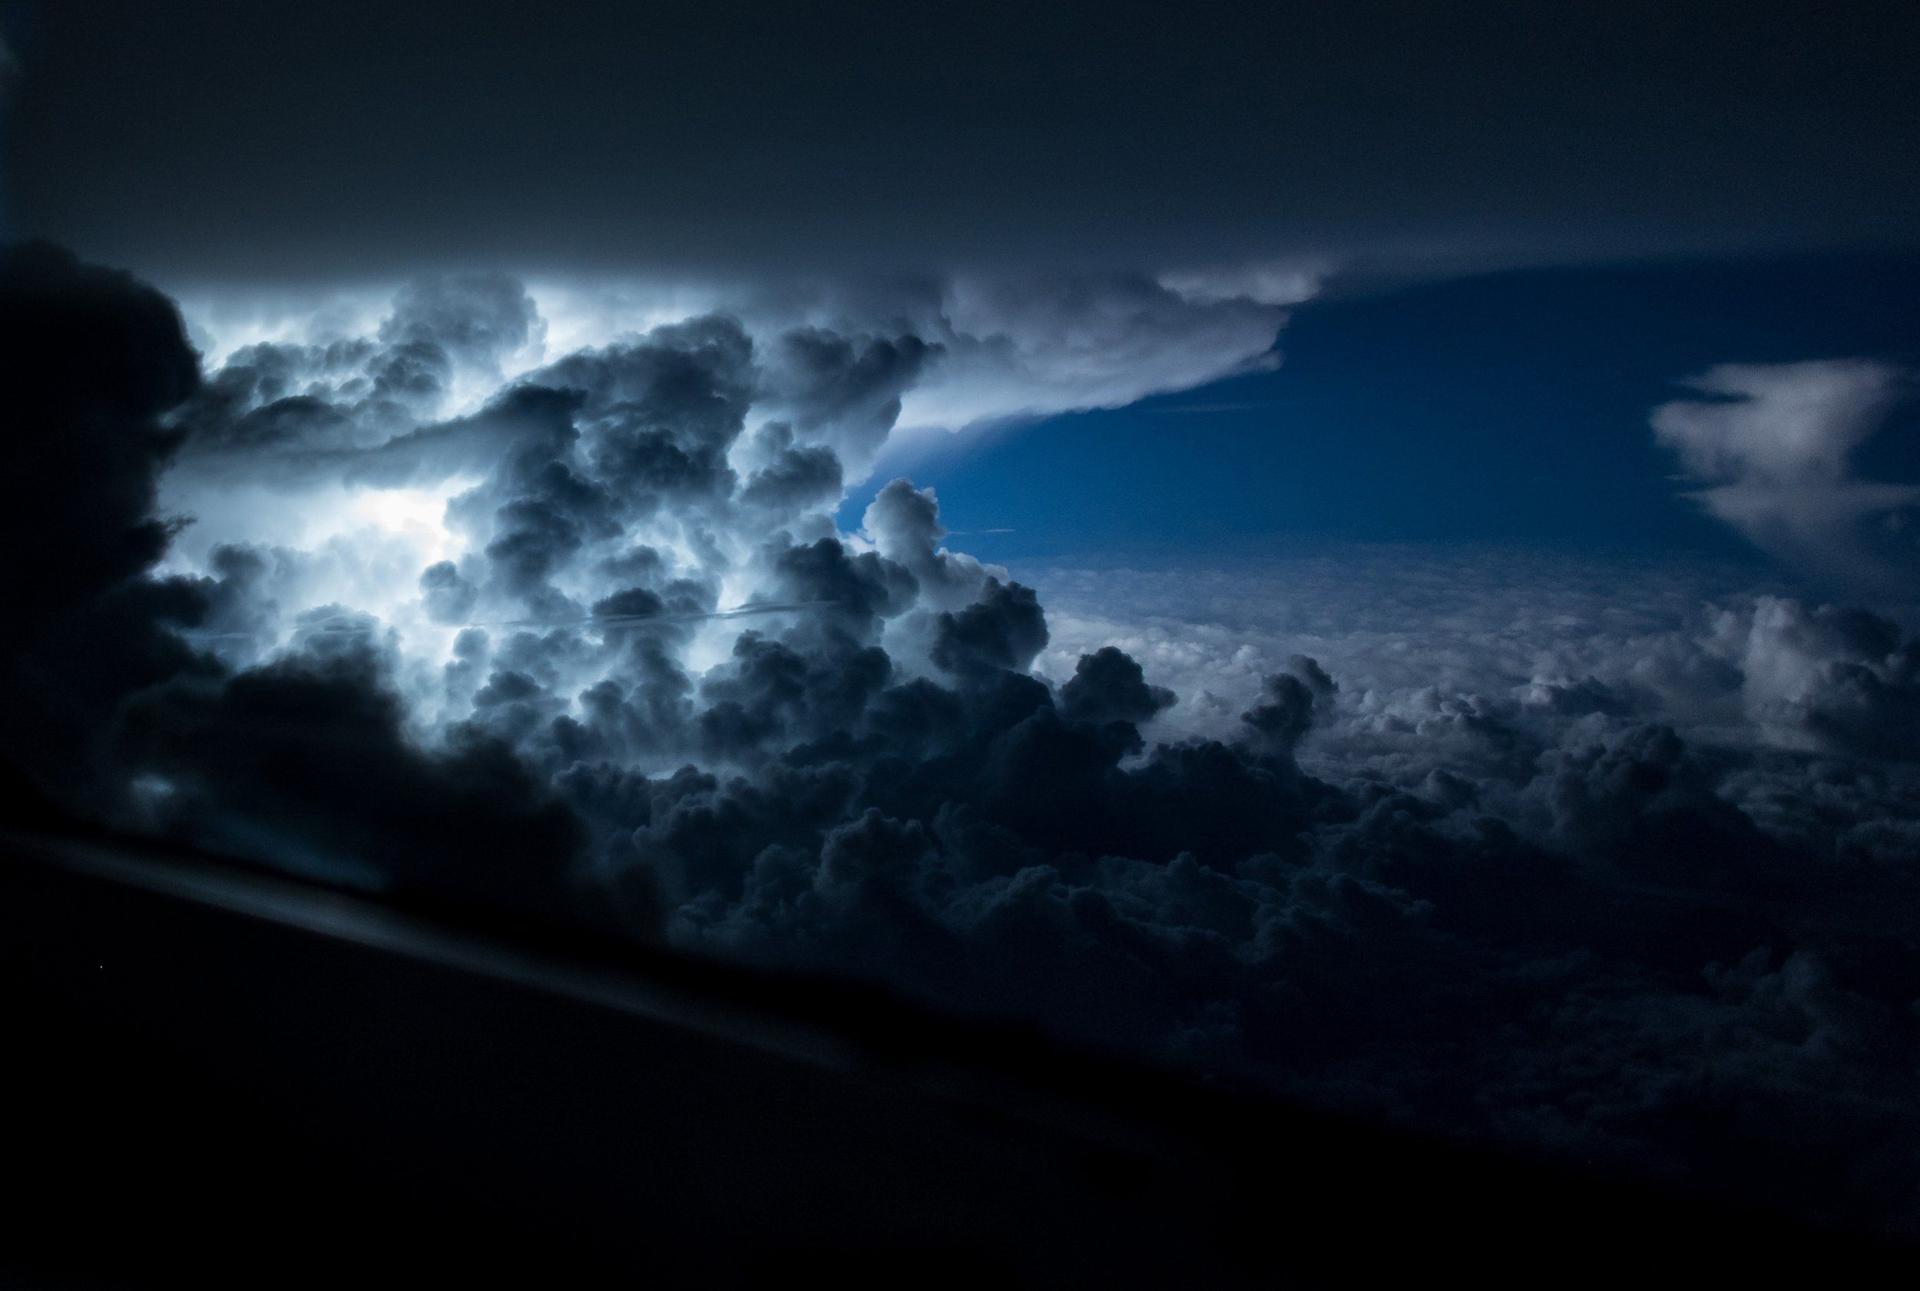 Cerca de Jamaica, en el océano Atlántico, en medio de una gran tormenta